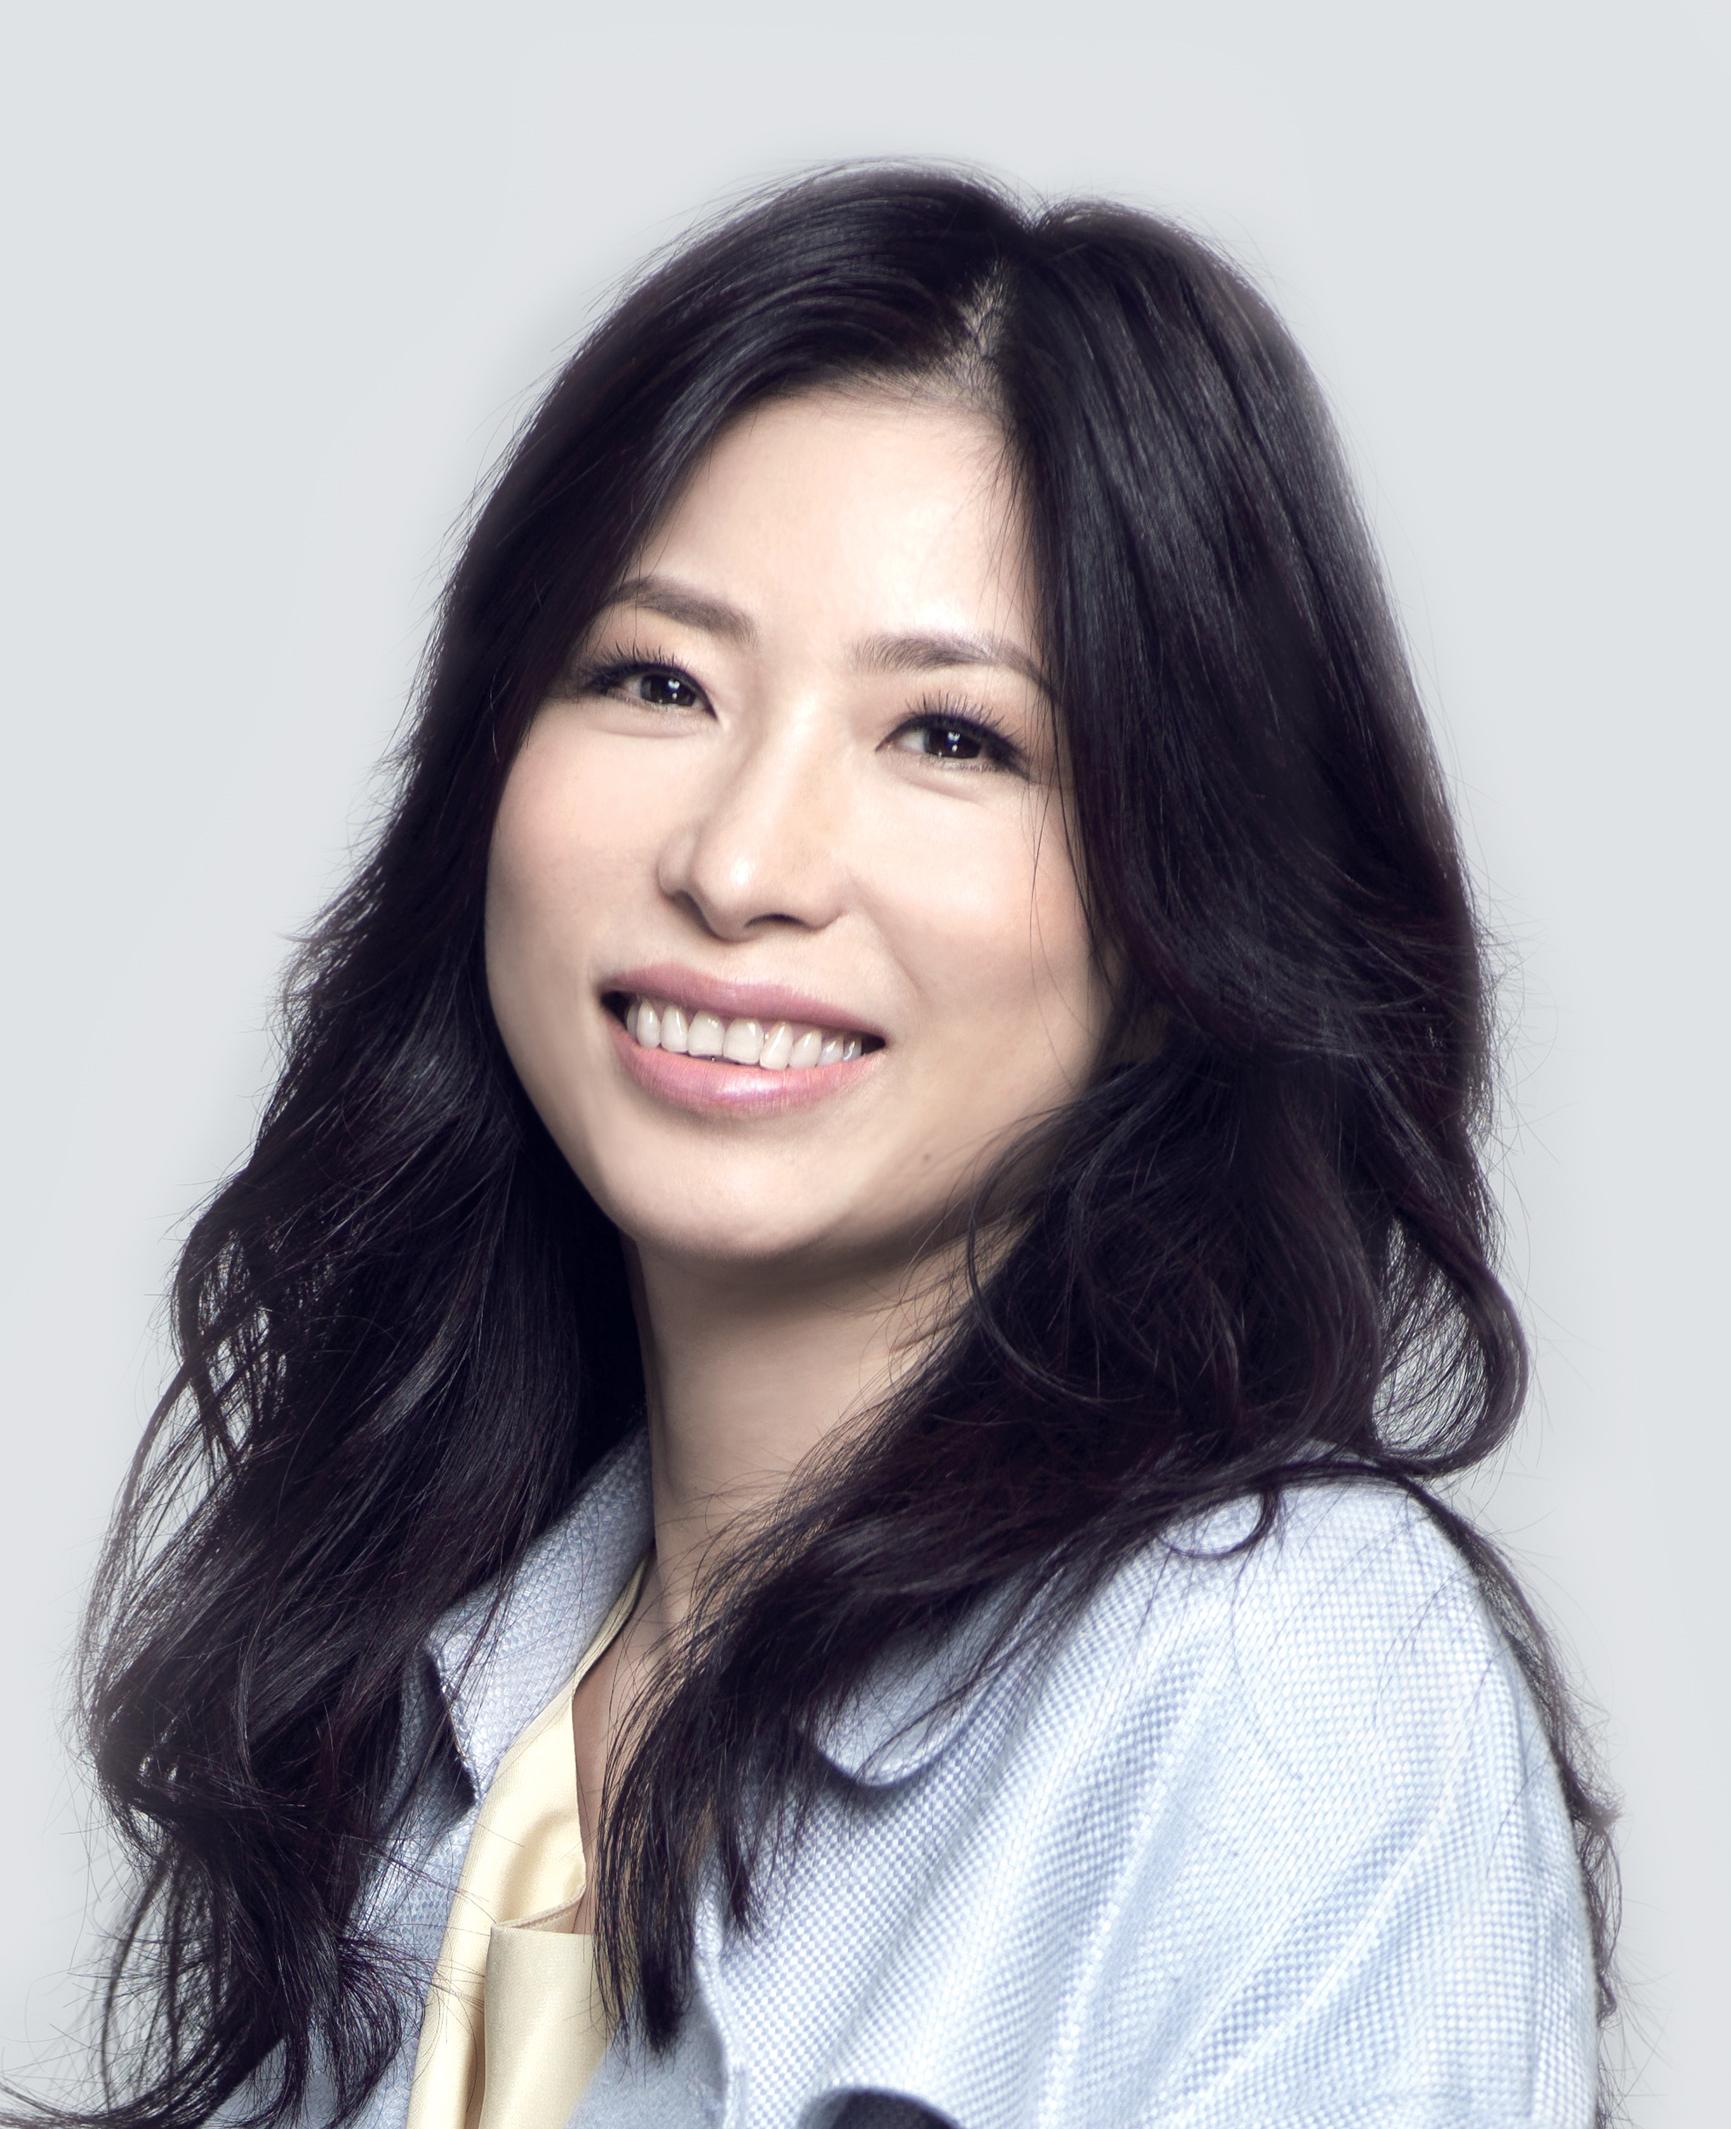 Amy_Cheung.jpg